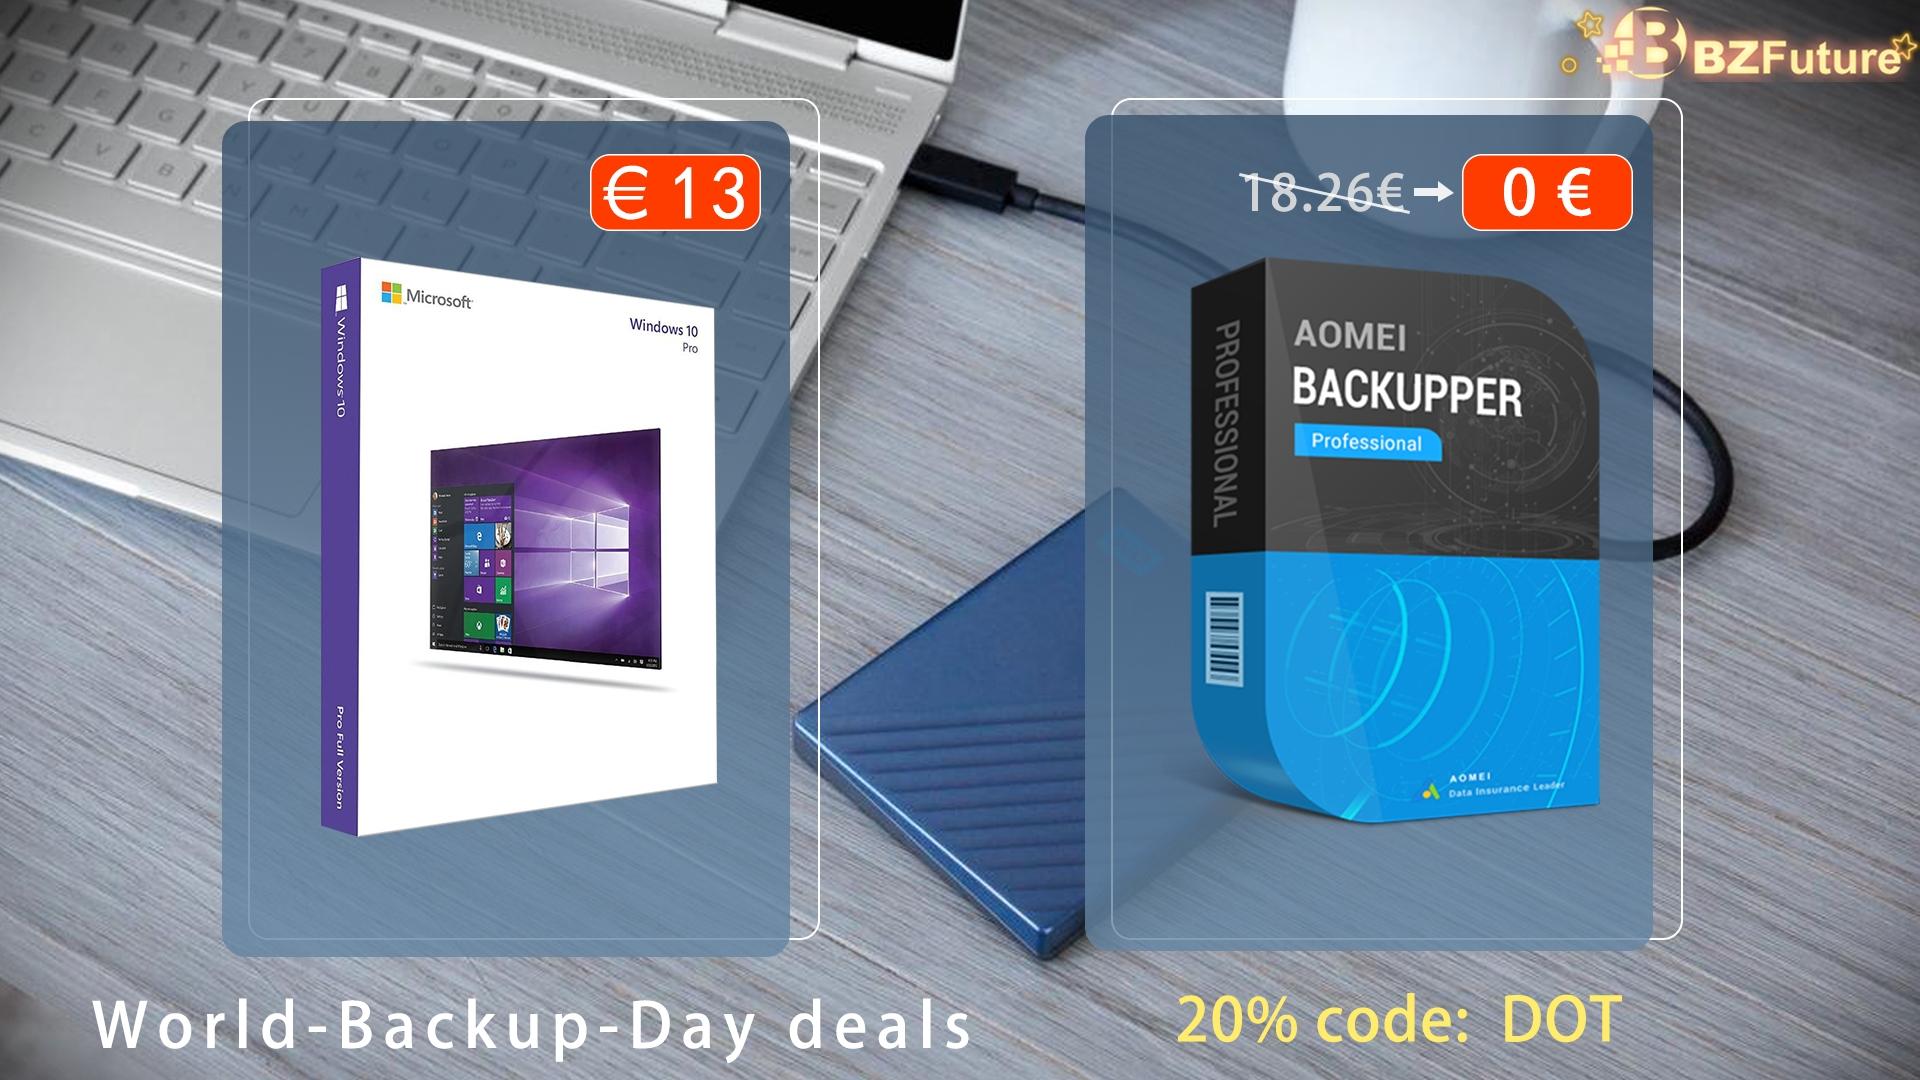 Oslavte mezinárodní den zálohování s Windows 10 za 13 eur, nebo Aomel Backupper zcela zdarma do konce března! [sponzorovaný článek]